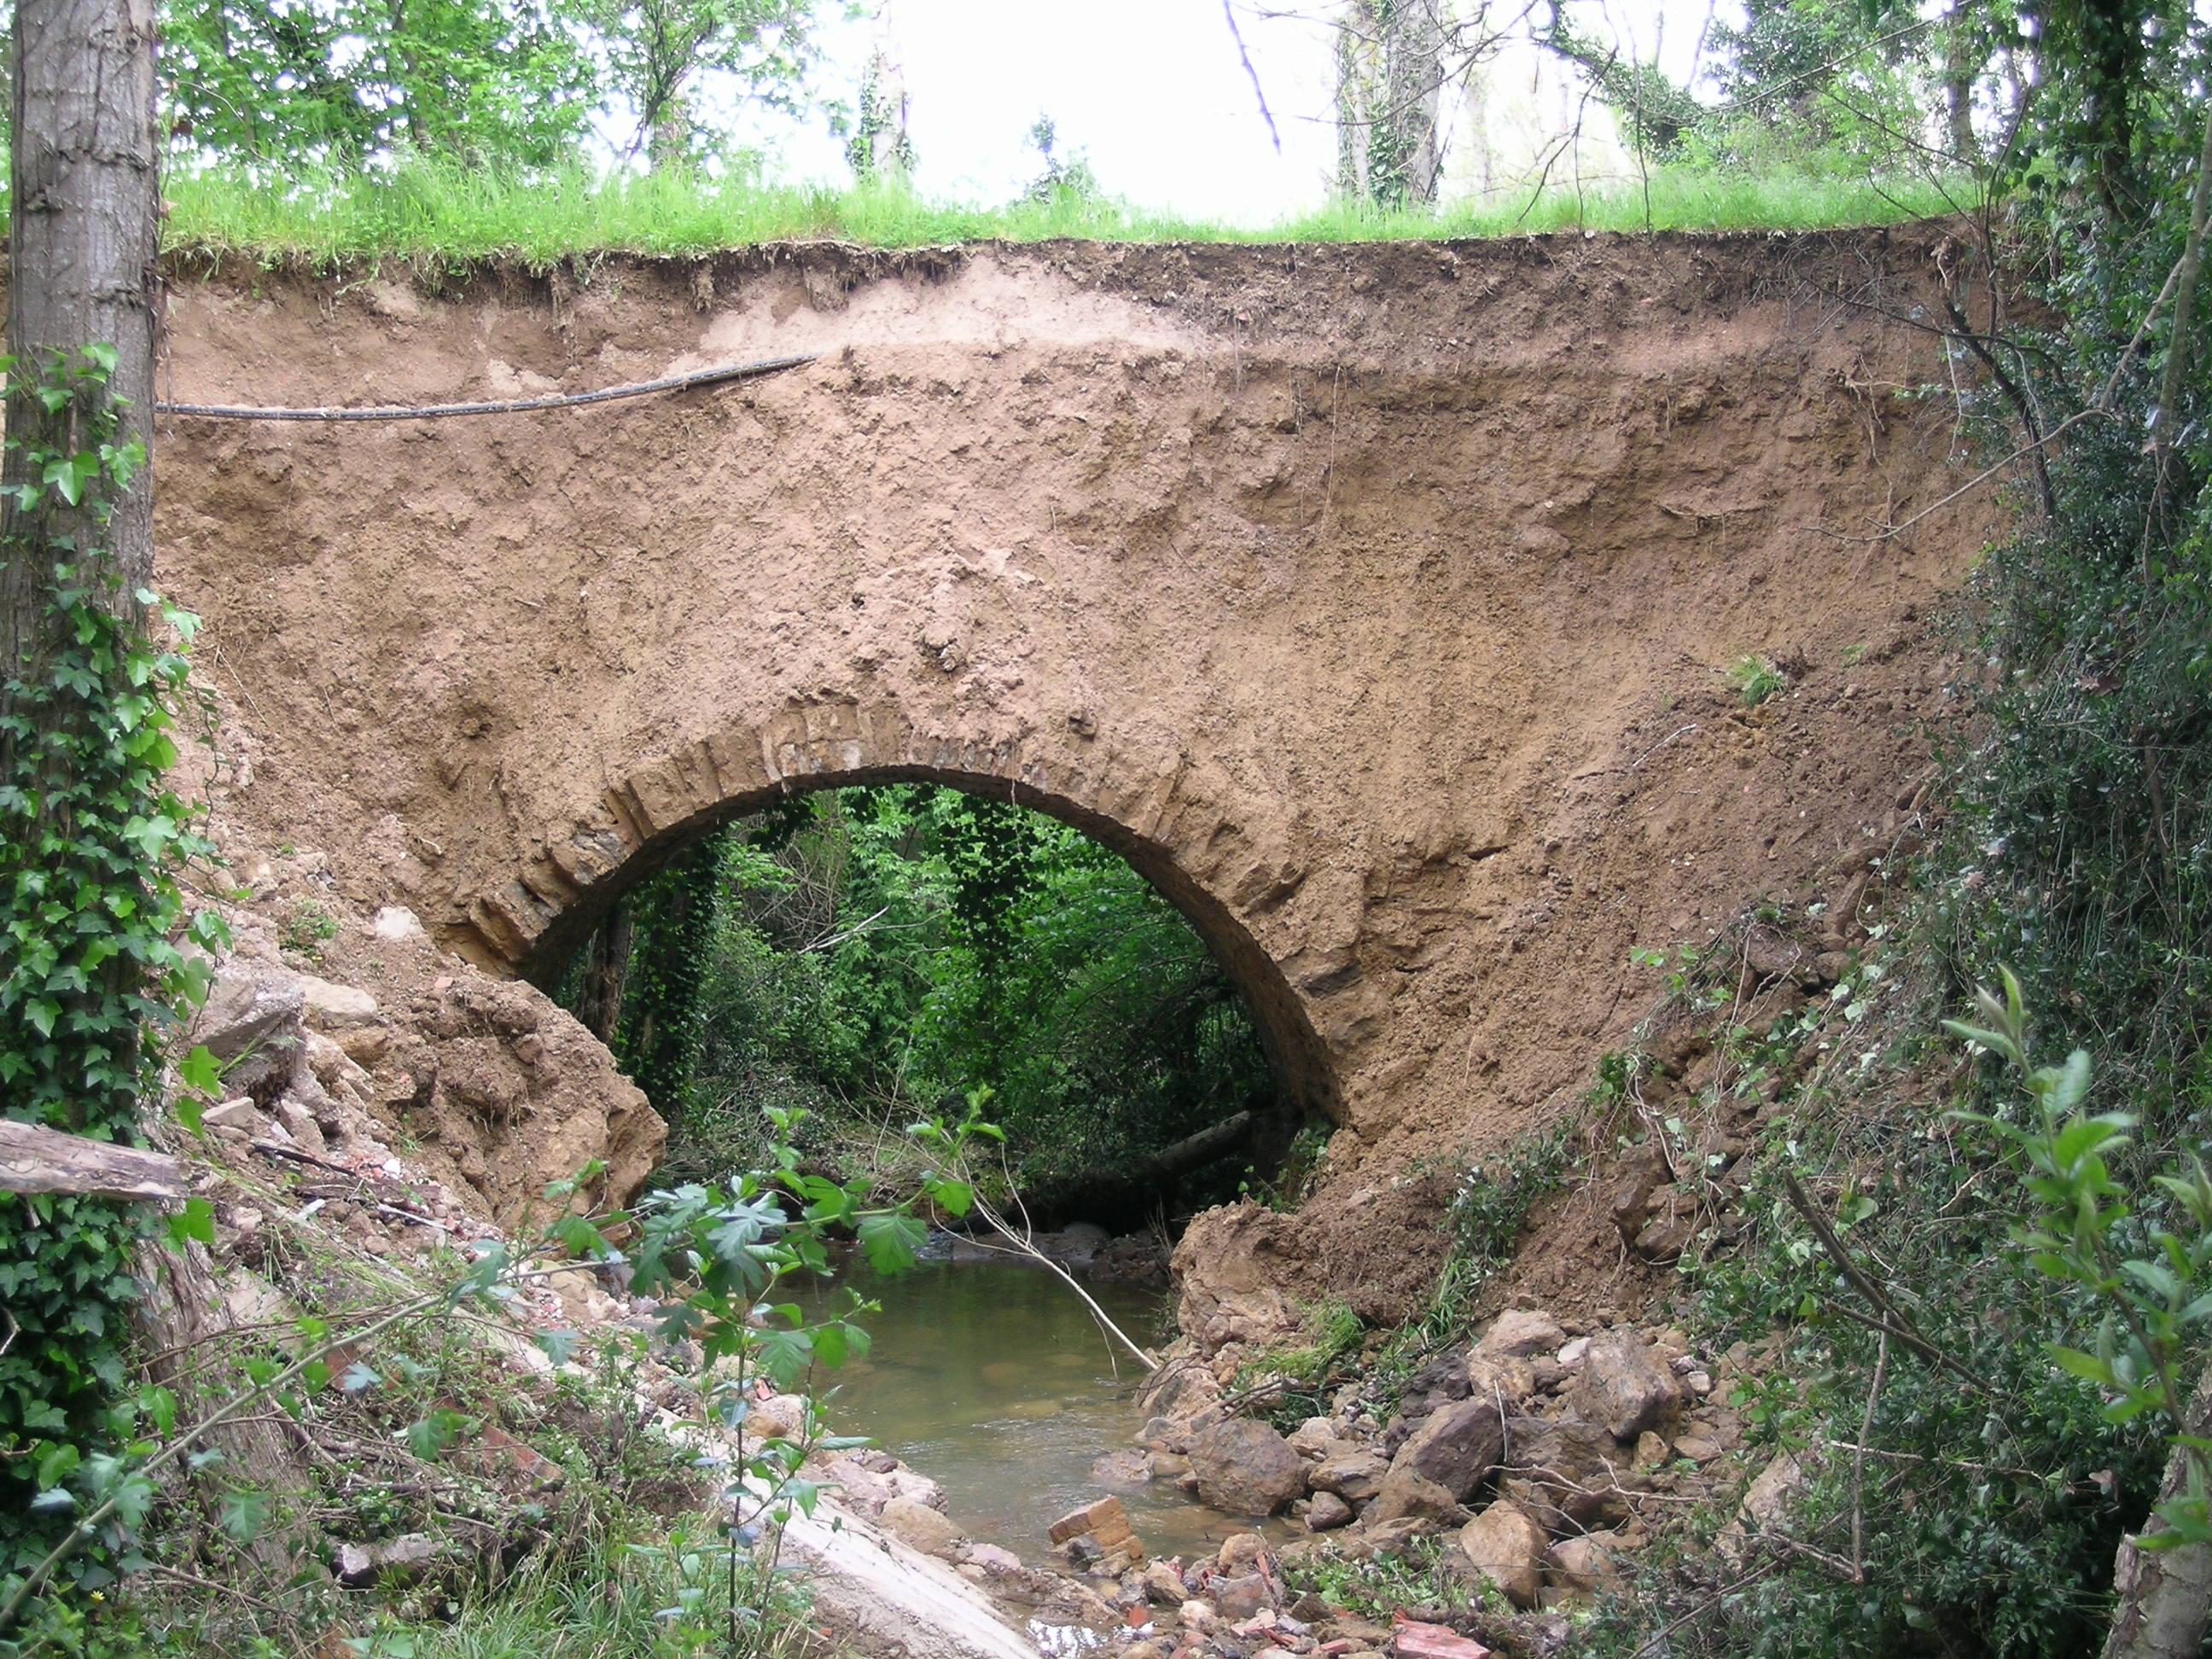 Pont enimg del bosc per anar a la font de les Mallenes. Ha perdut el frontal construït i es veu la volta i el reompliment de terra.